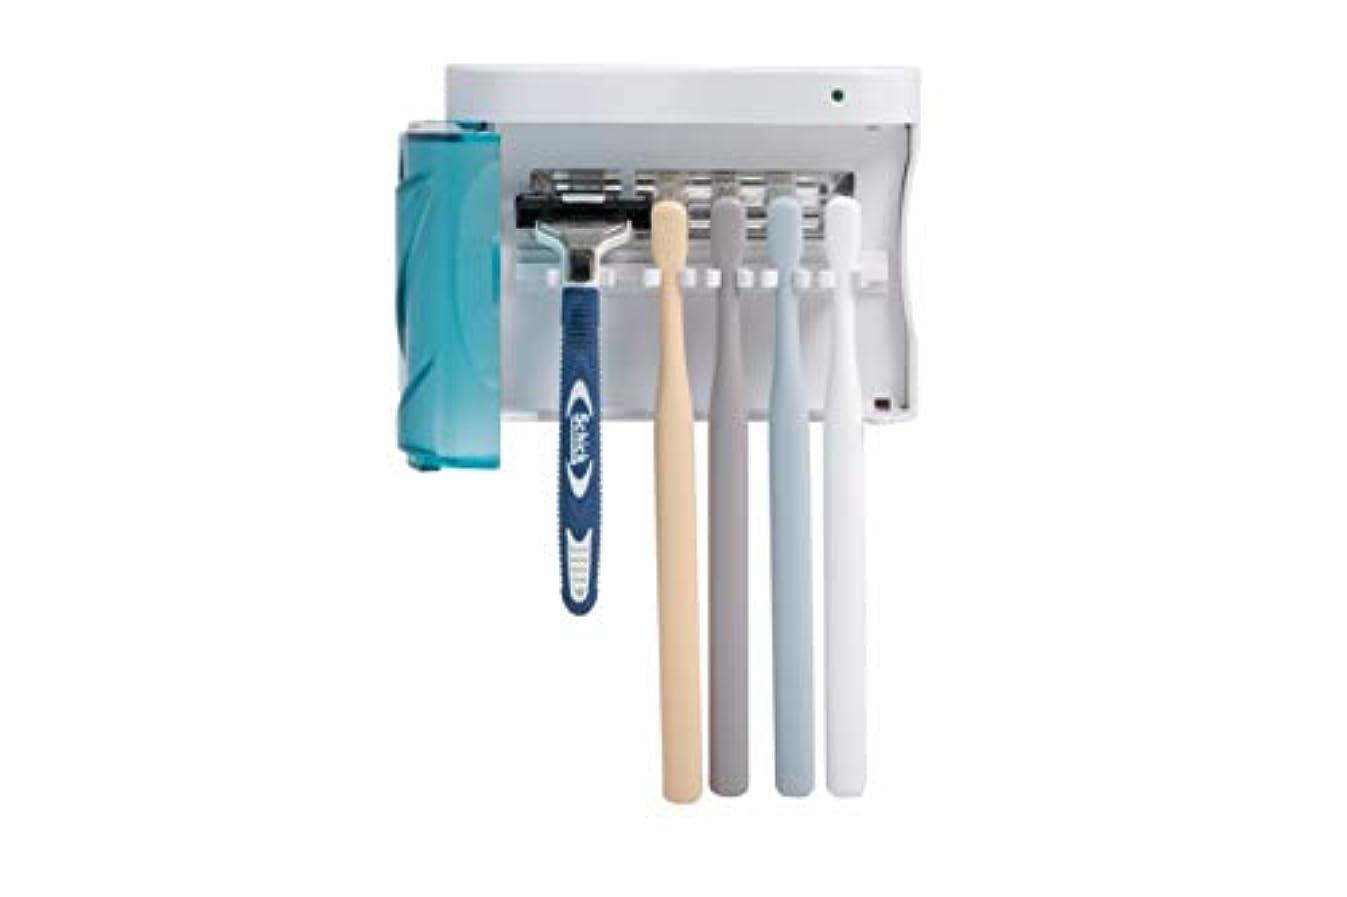 ピッチテロヘビーHITOP UV歯ブラシ除菌器、壁掛け式家庭用UV歯ブラシ除菌機、効果的な紫外線消毒、歯ブラシ収納ホルダー、電動ブラシにも適用、家族全員用 (家族全員用)